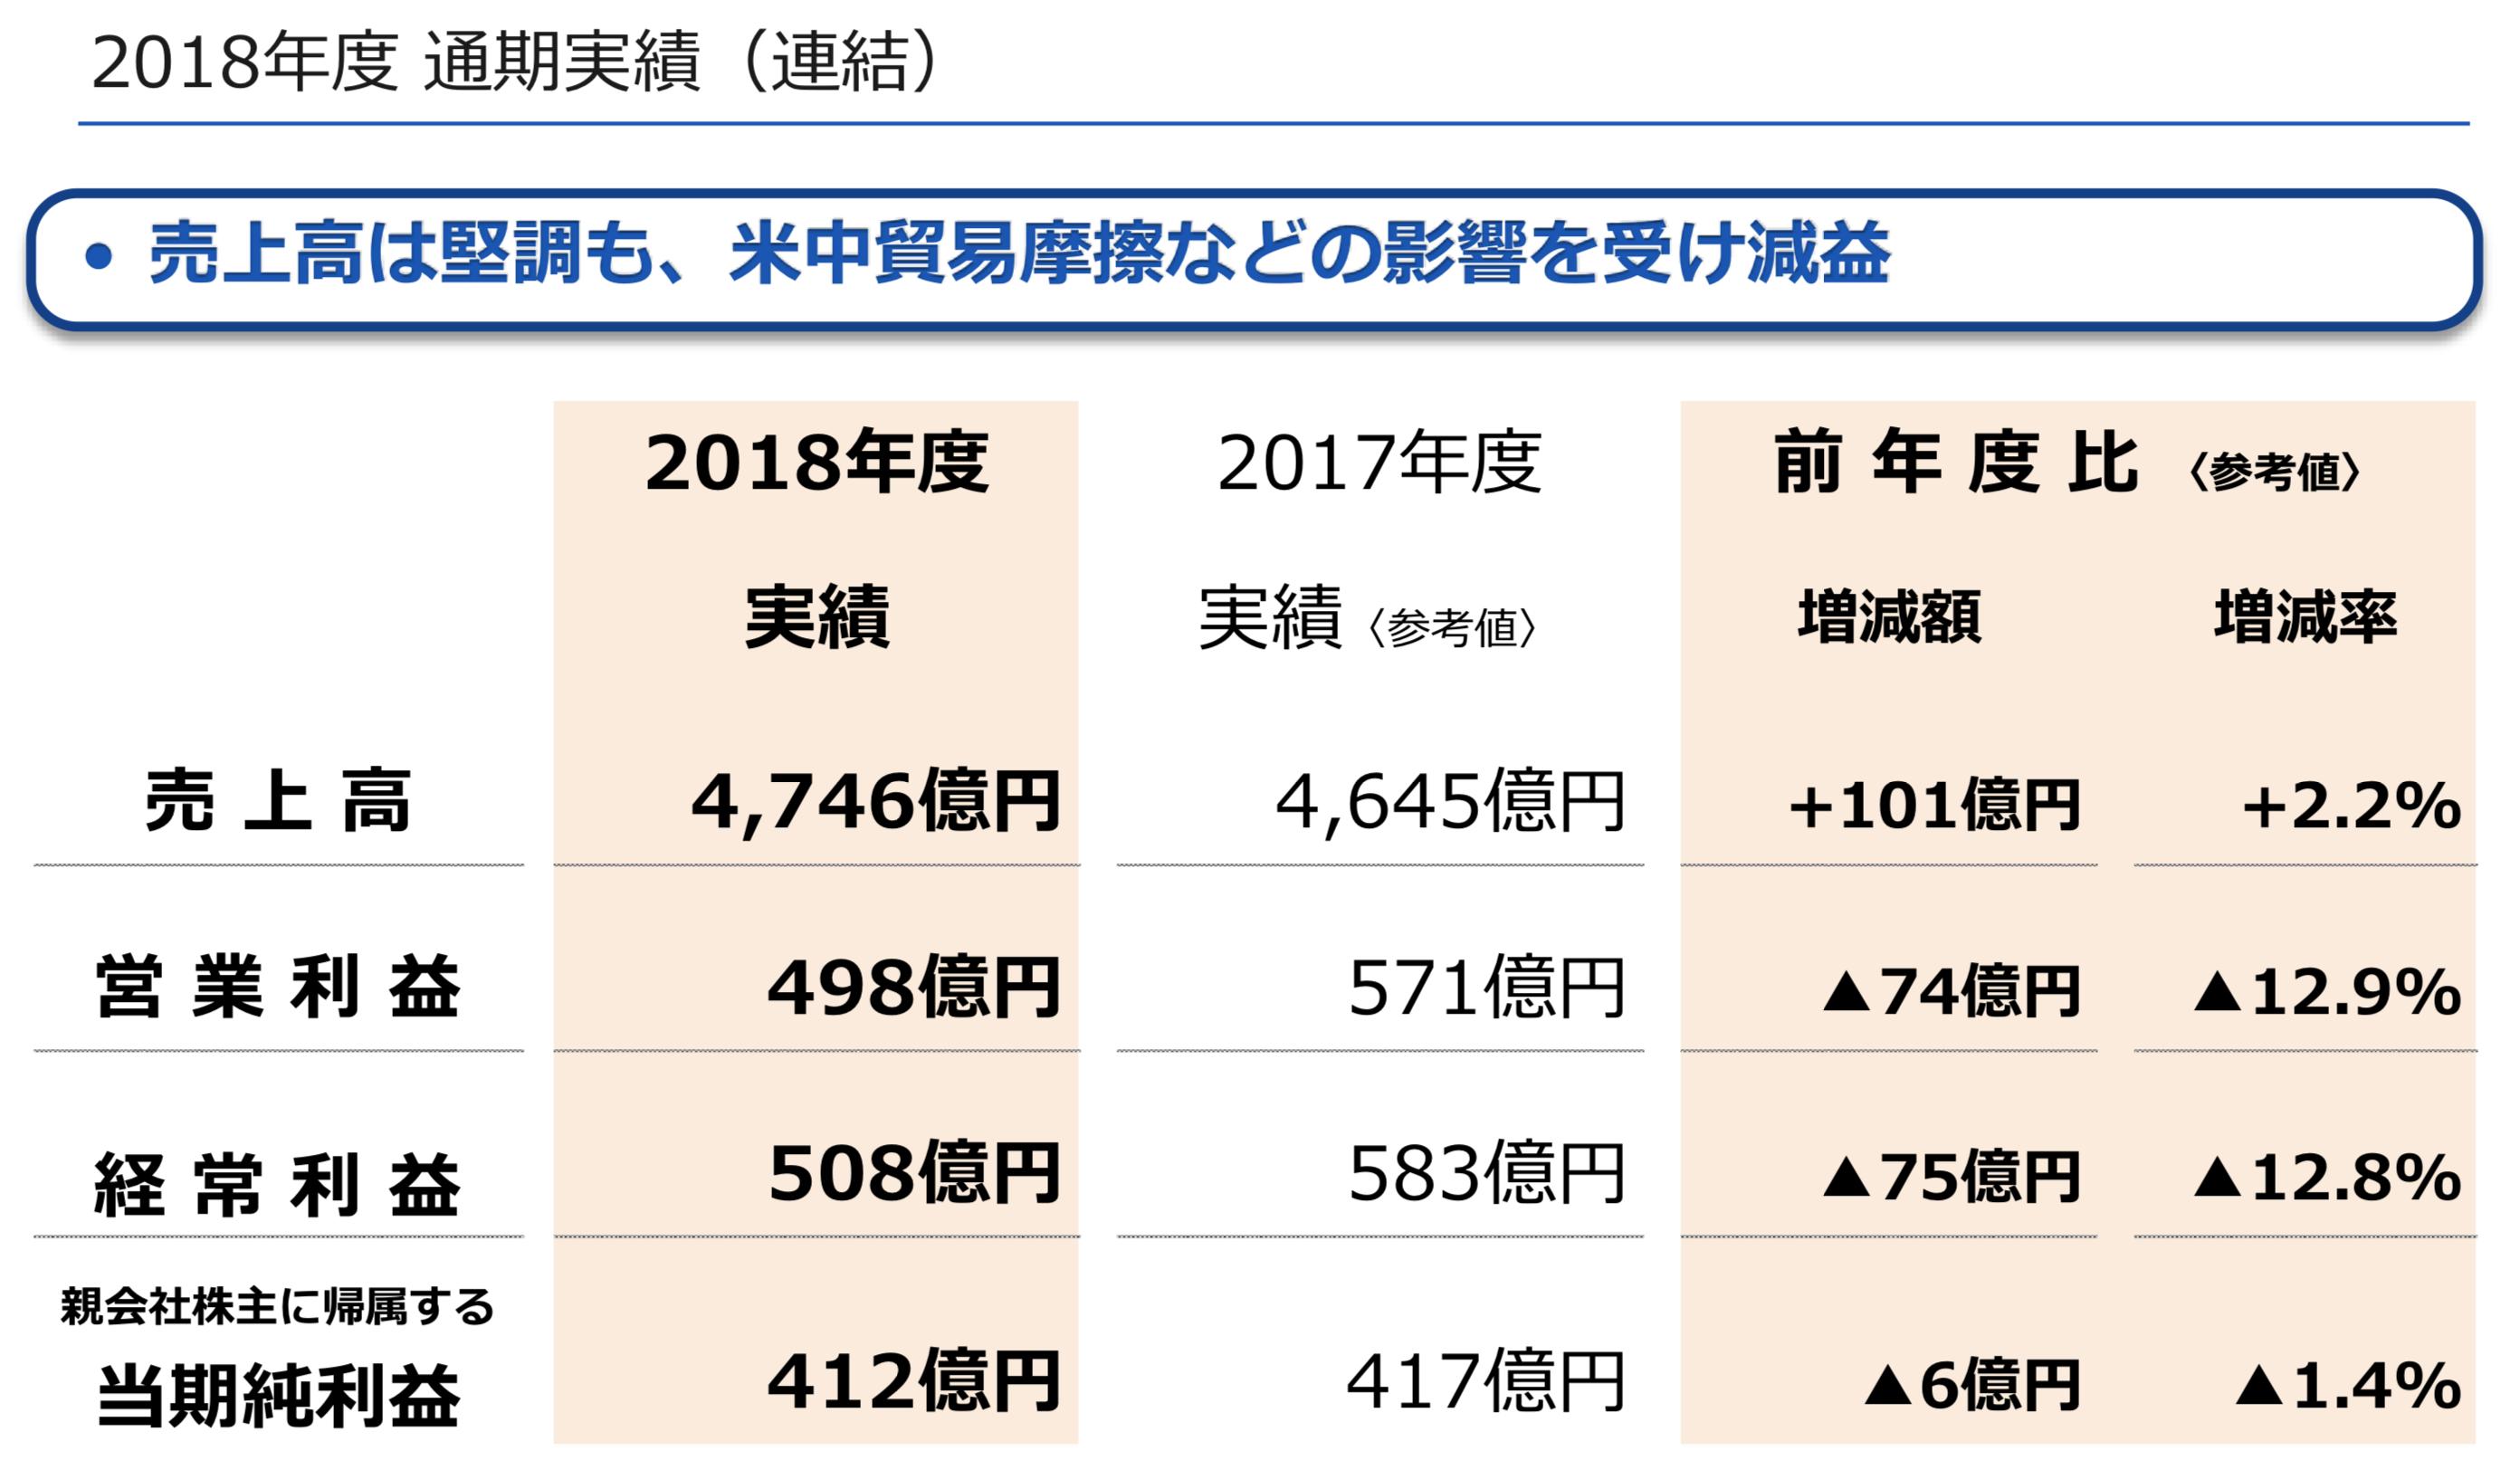 安川電機の前期の決算資料